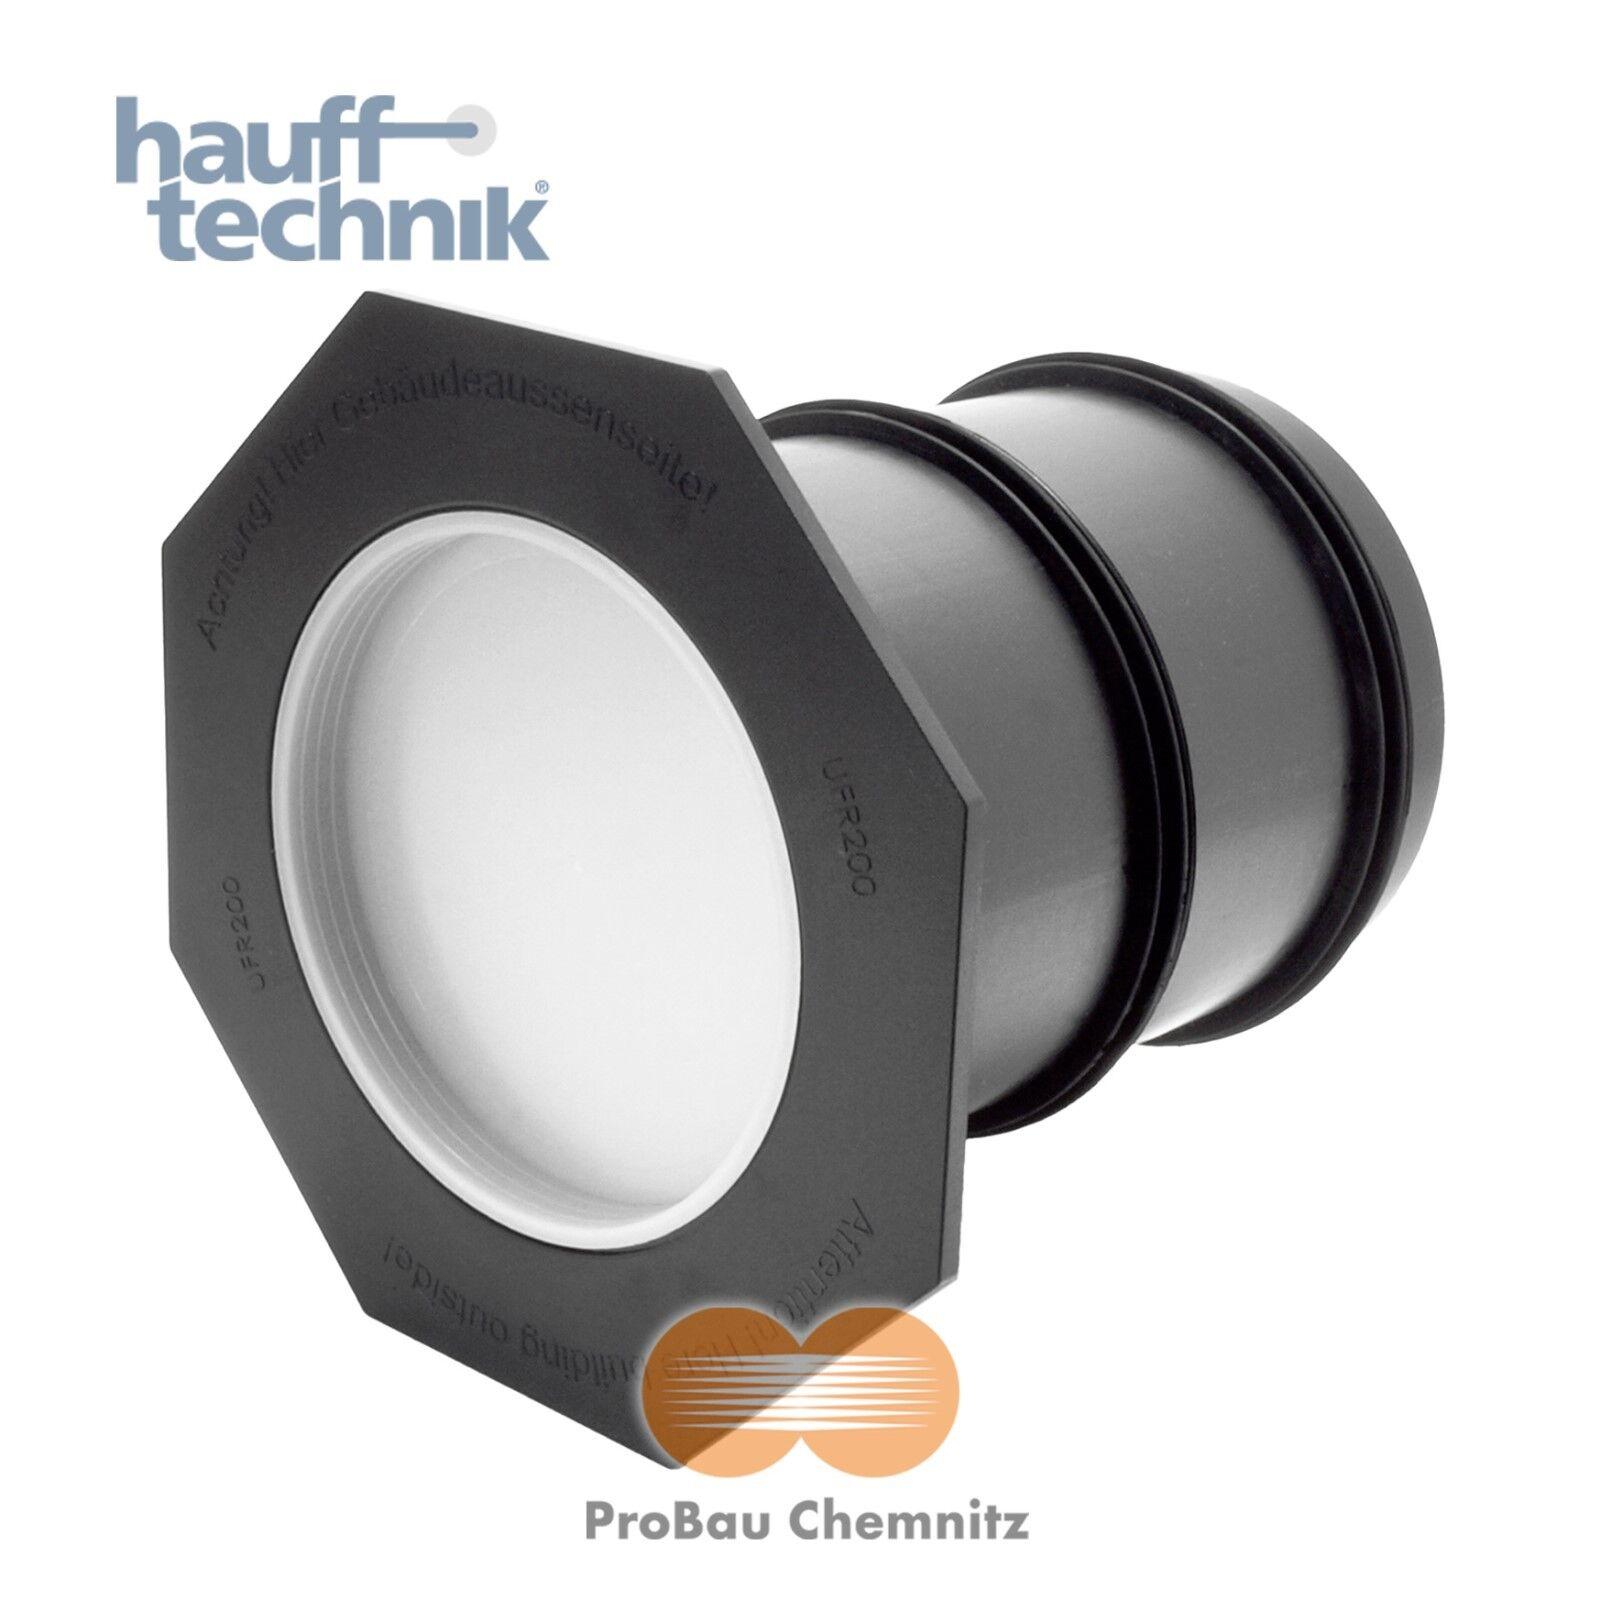 Hauff UFR 200/500 Futterrohr universell mit Anspachtelflansch, DN200, L. 500mm